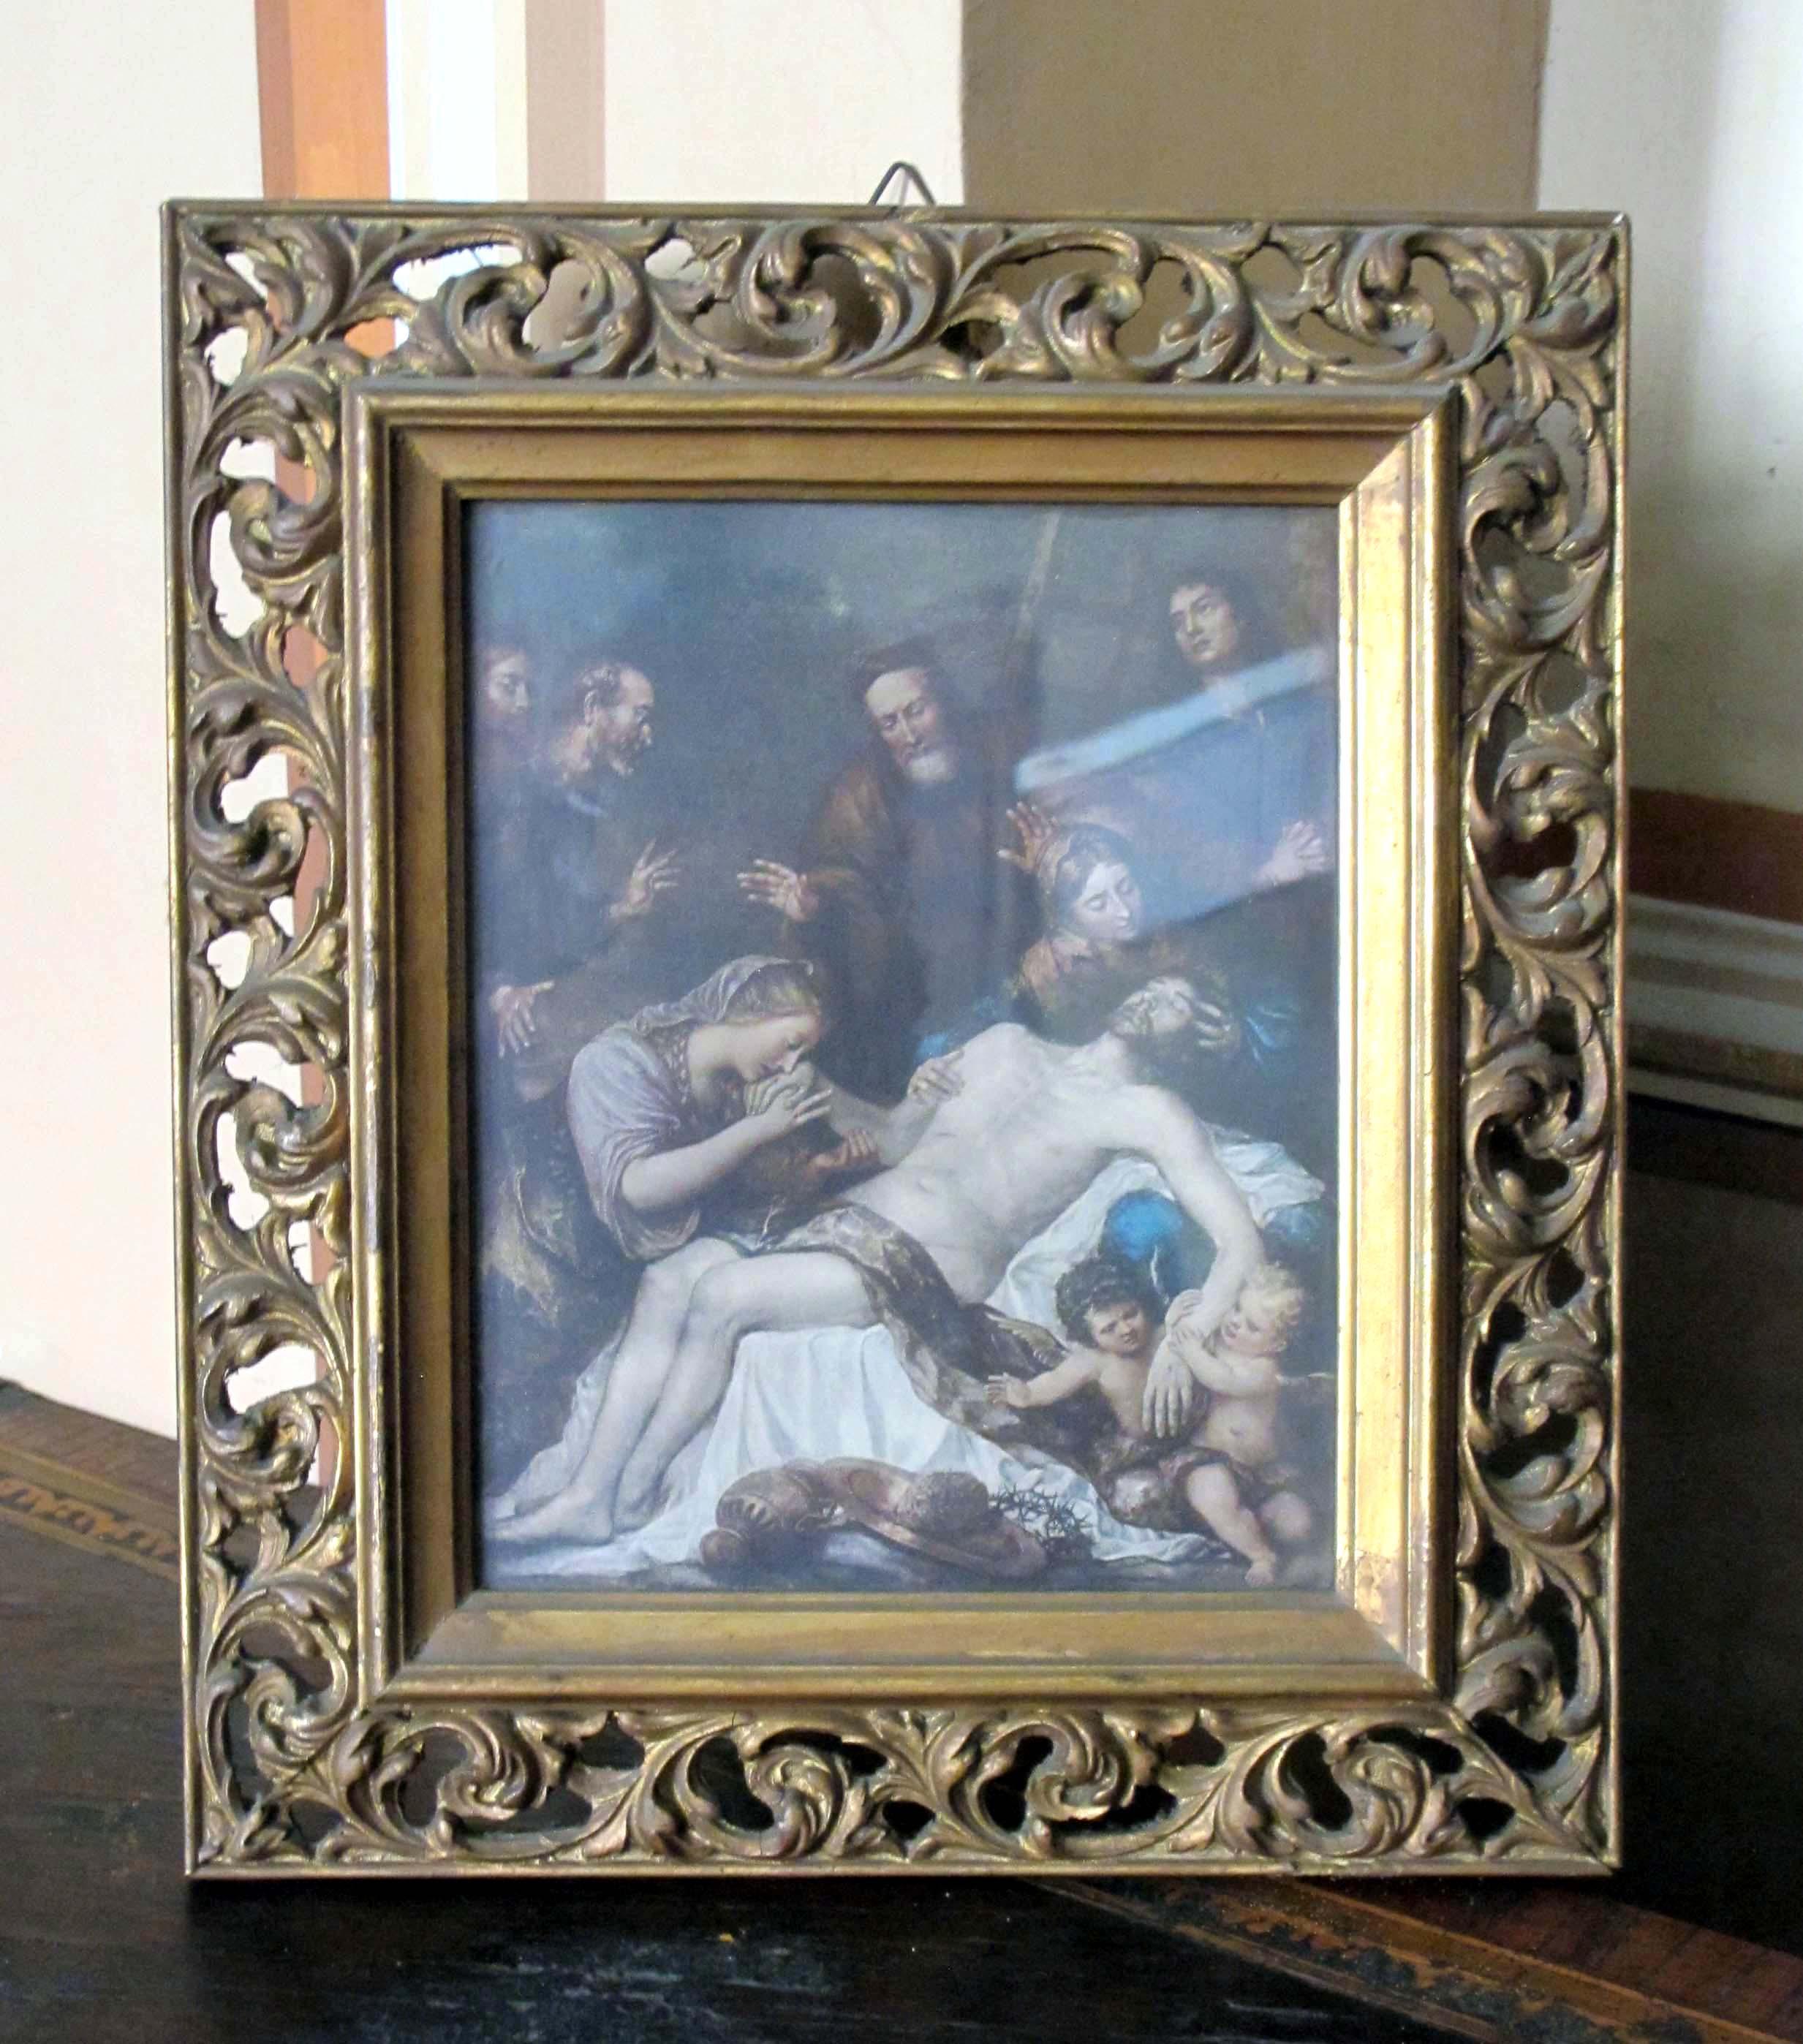 IGNOTO PITTORE VENETO, Compianto sul Cristo deposto dalla croce, (fine secolo XVII-inizio sec. XVIII).